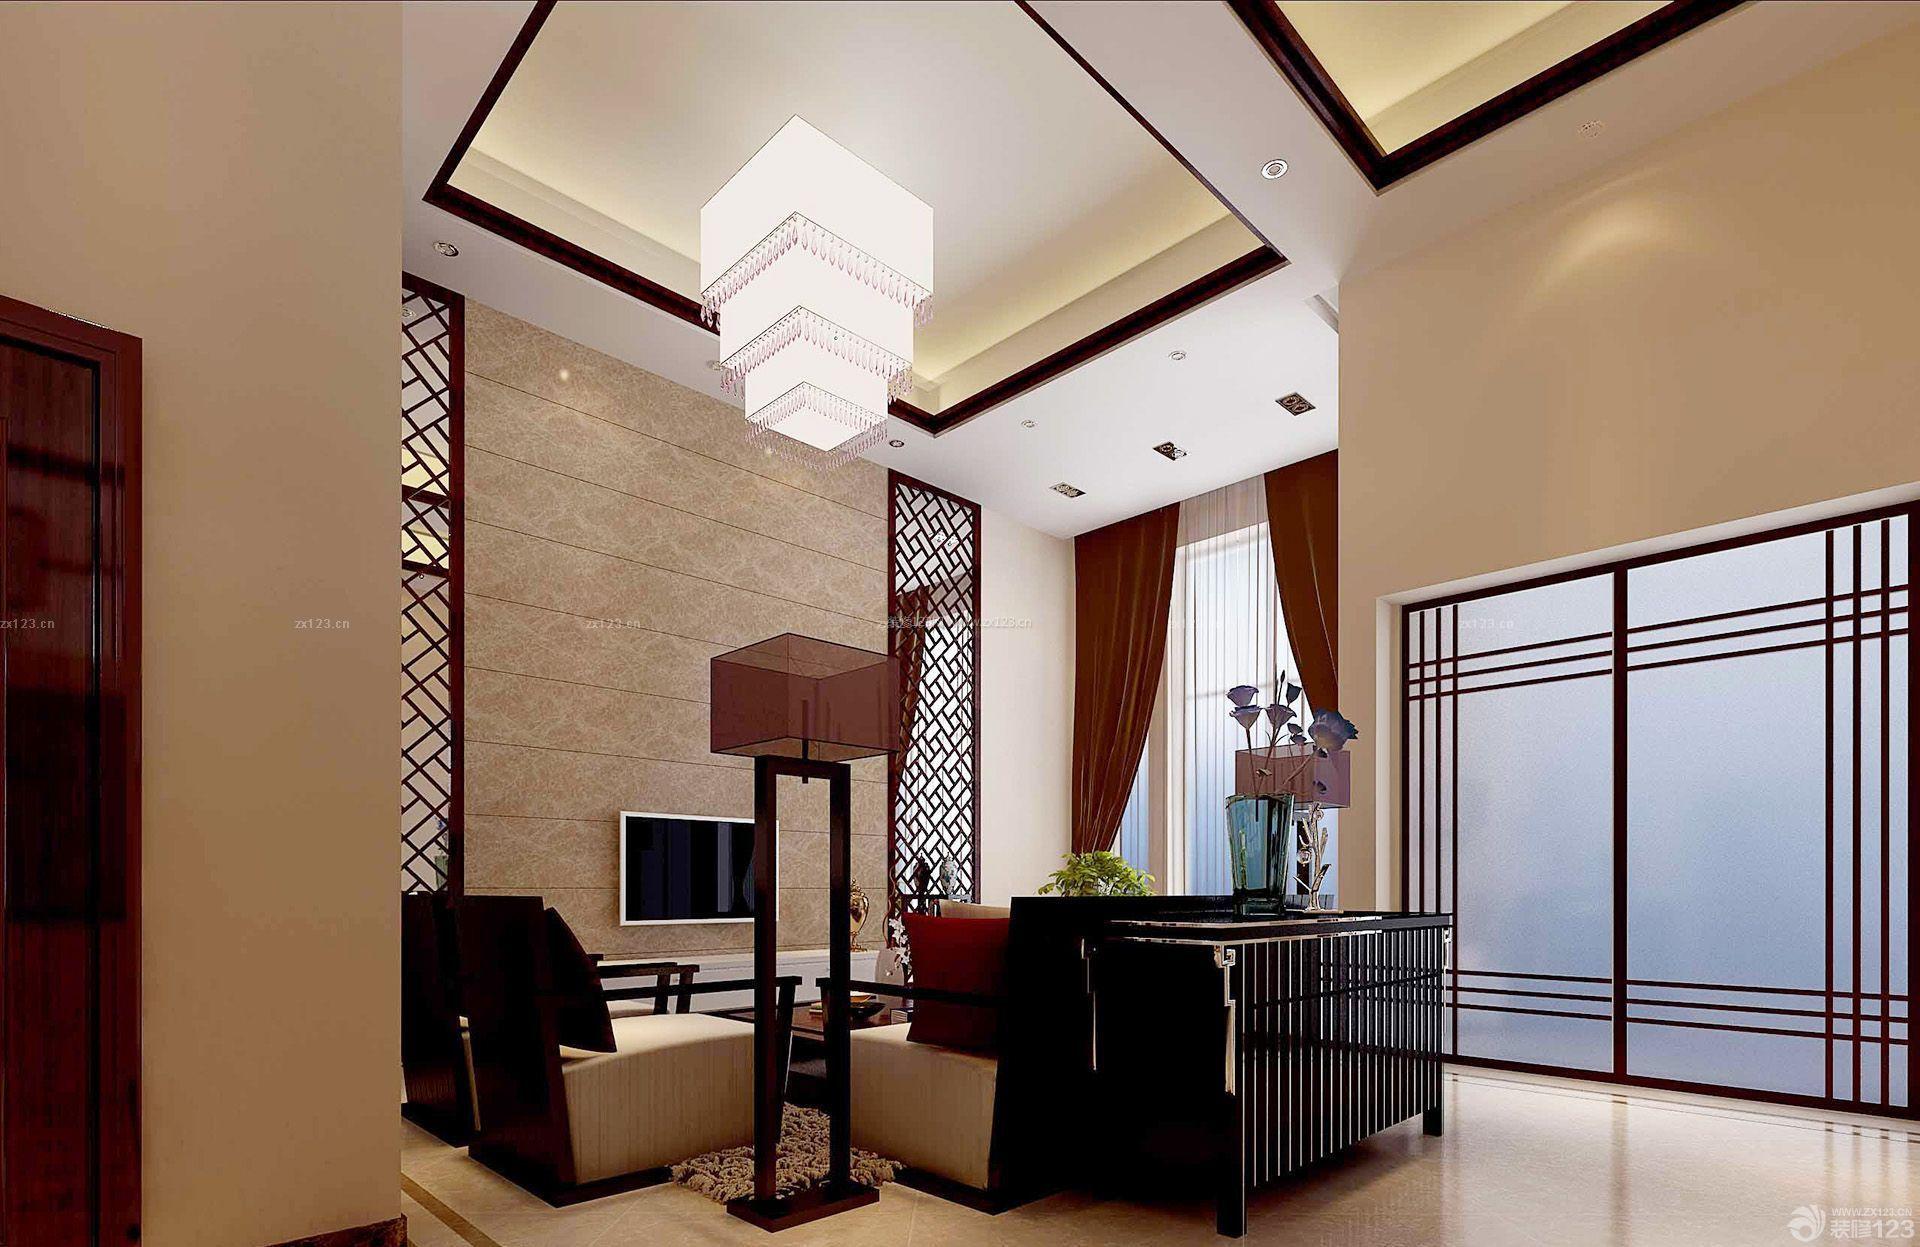 中式风格挑高客厅房屋装修效果图大全90